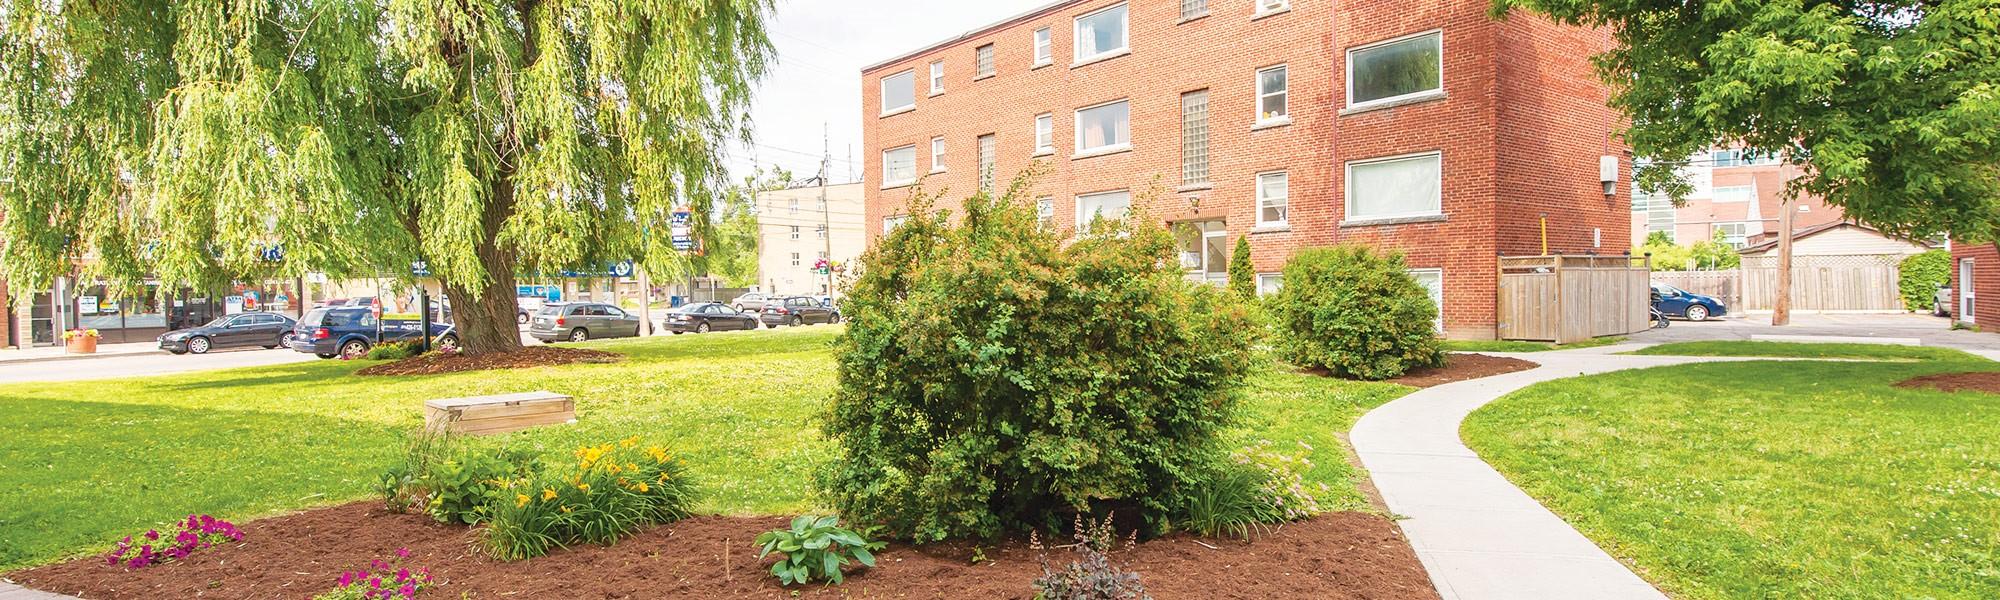 775-concession-st_hamilton-apartments-for-rent_pet-friendly-apartments_clv-group_exterior